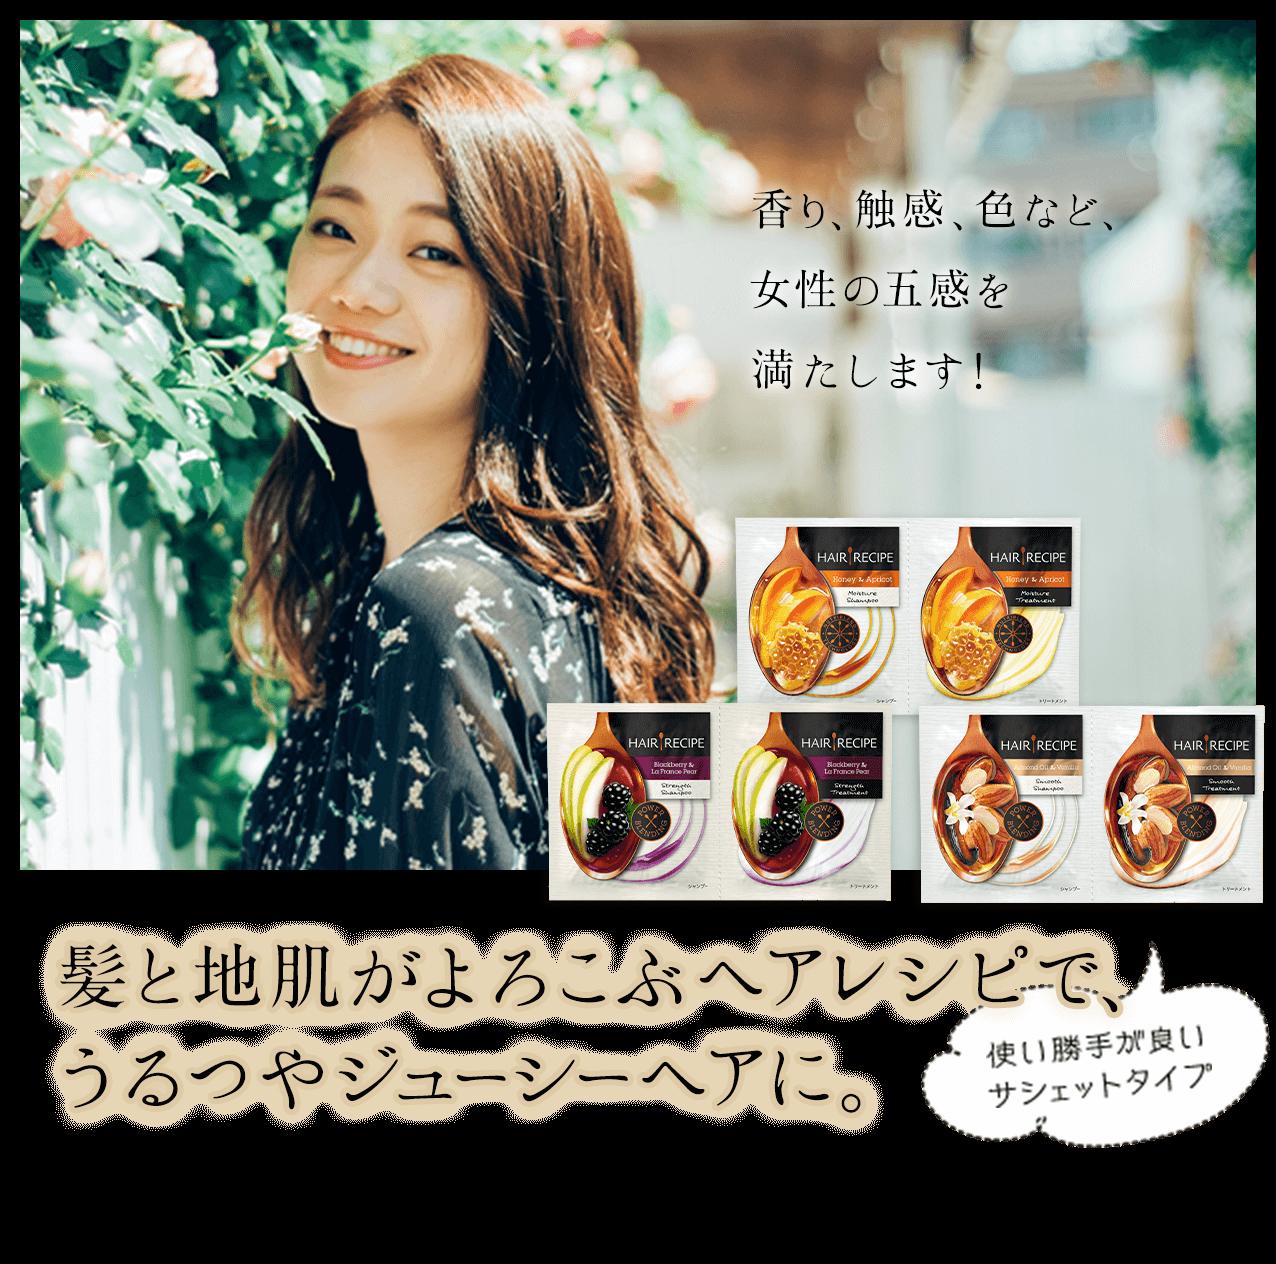 香り、触感、色など、女性の五感を満たします!髪と地肌がよろこぶヘアレシピで、うるつやジューシーヘアに。使い勝手が良いサシェットタイプ